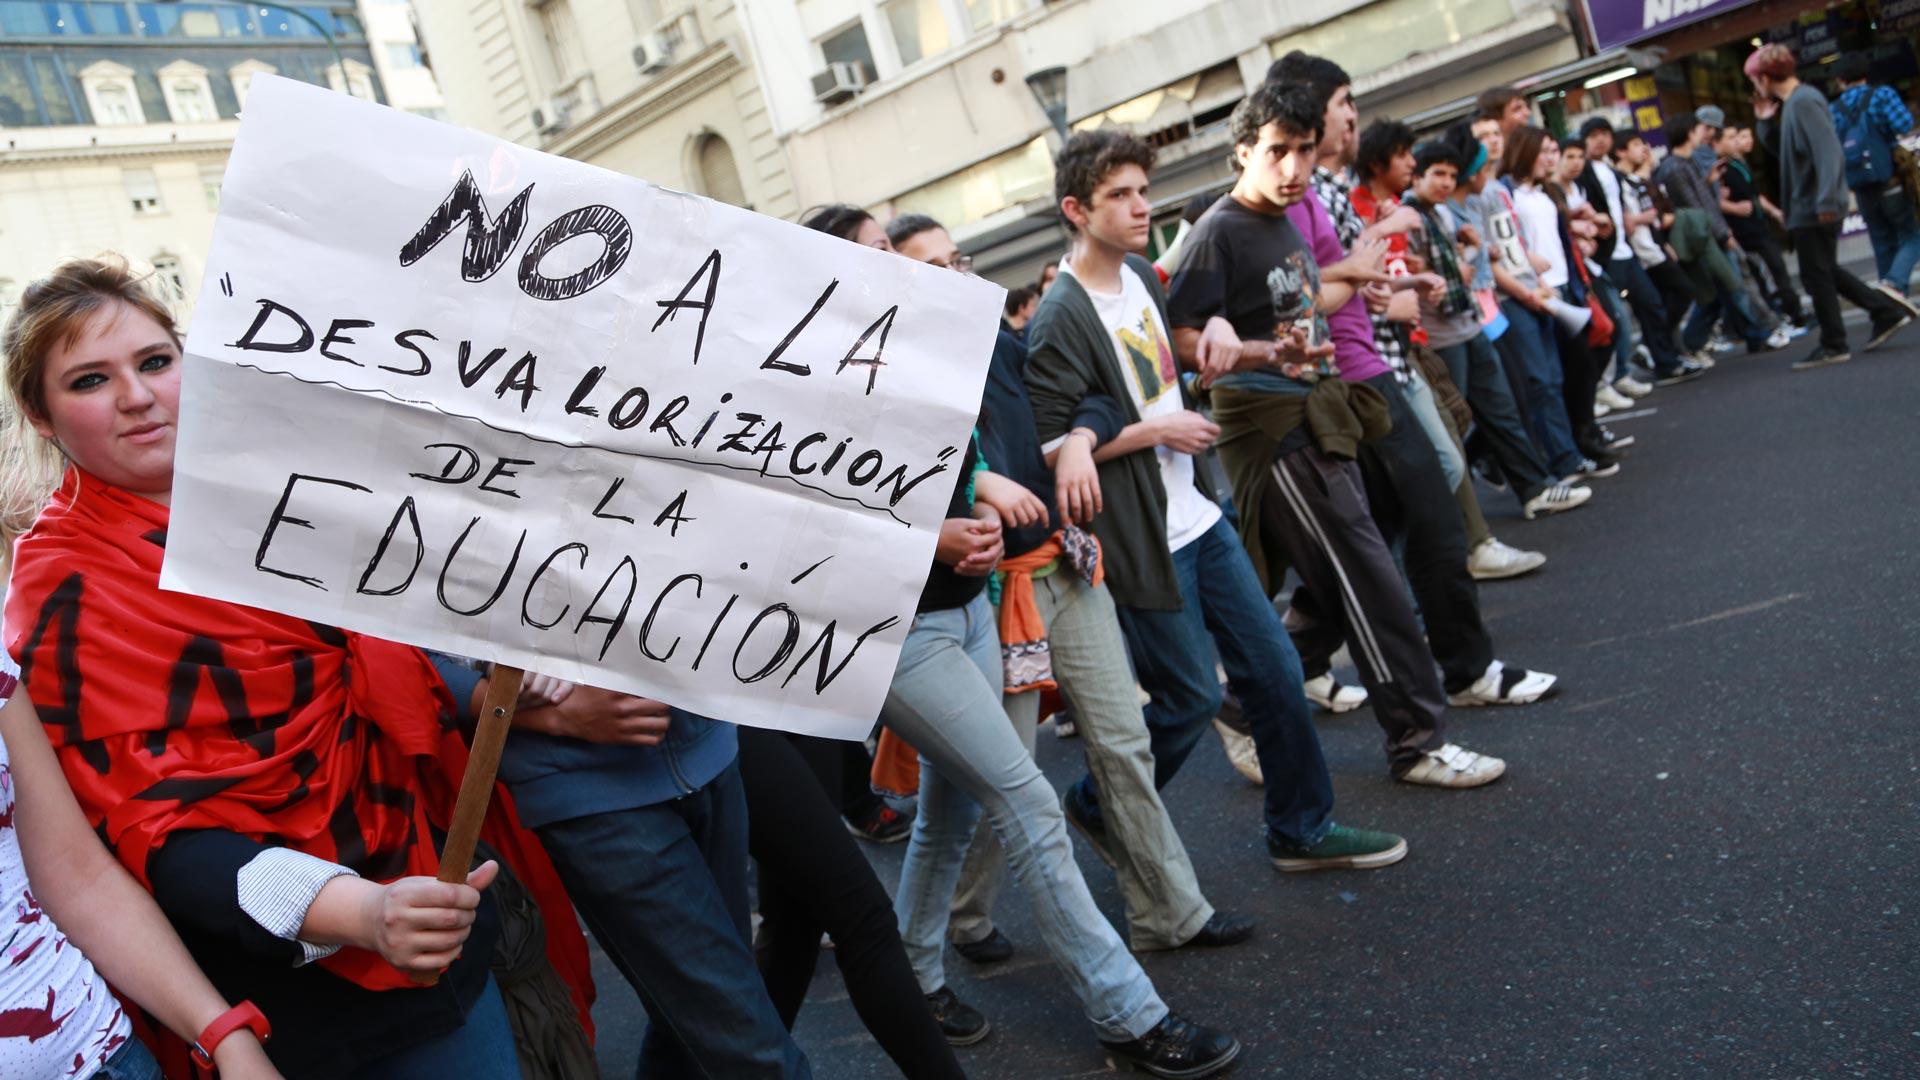 EscuelasTomadas_GESUALDI004_IZQ930